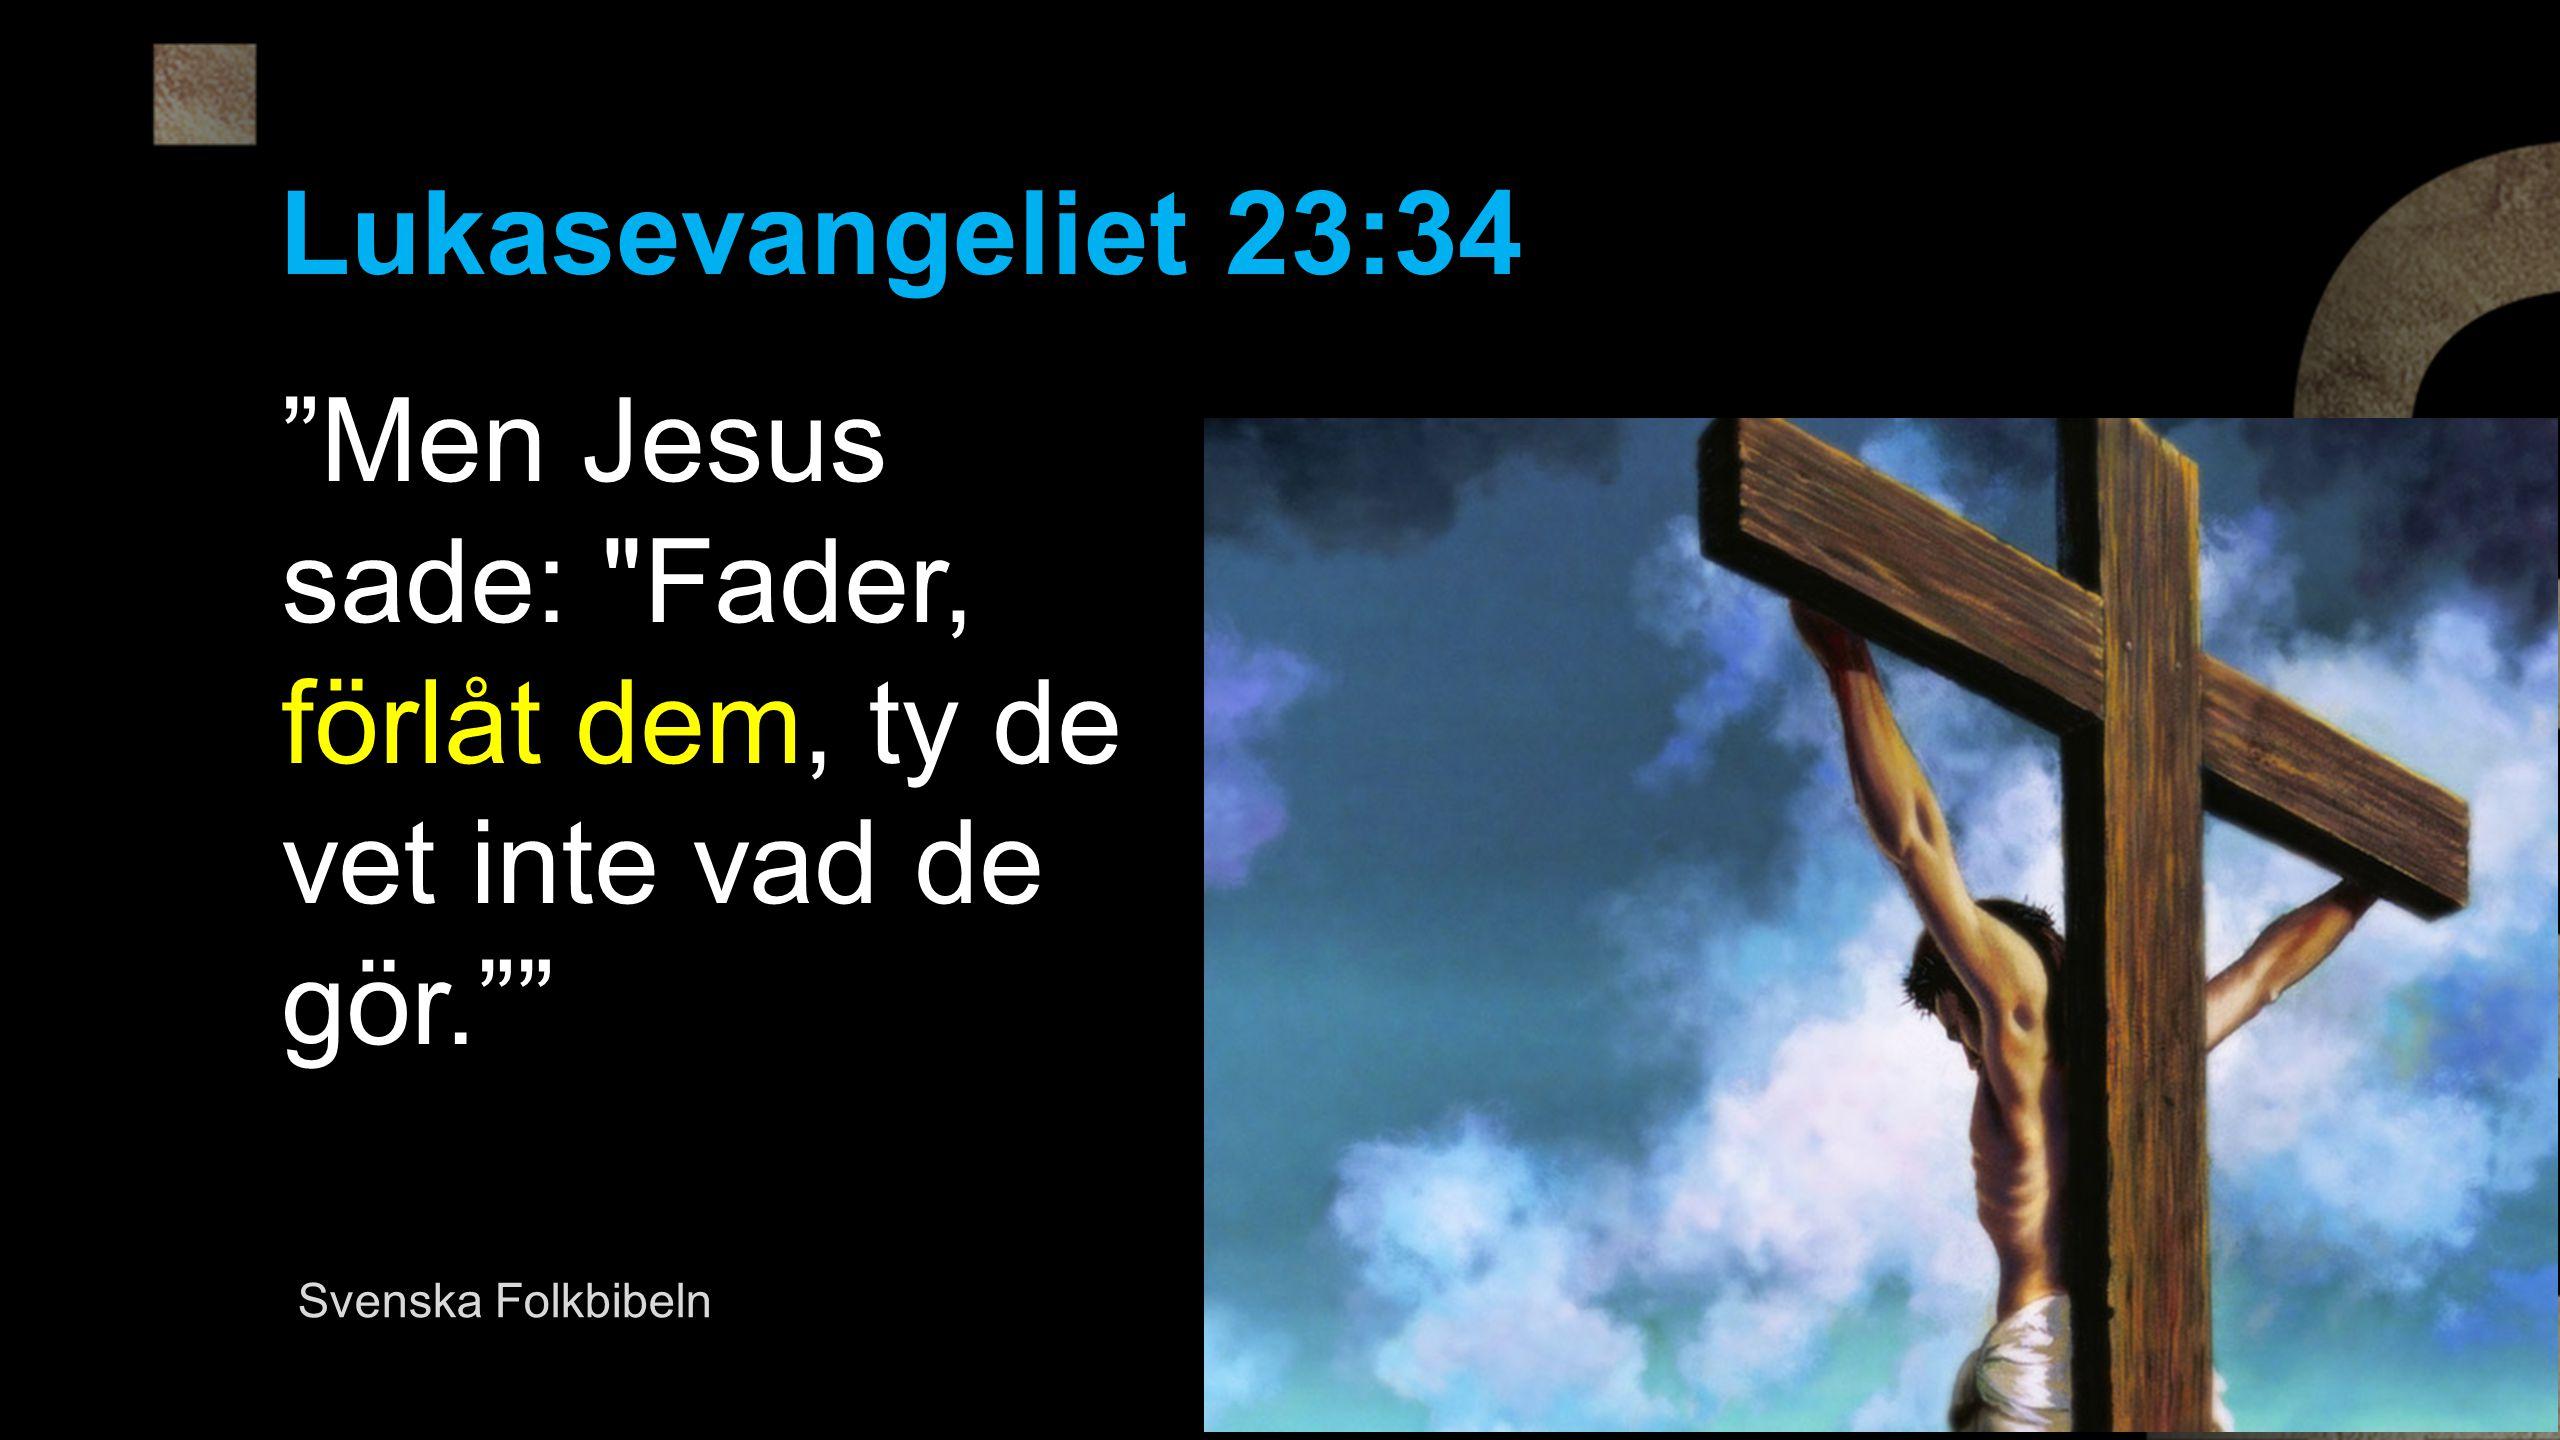 Lukasevangeliet 23:34 Men Jesus sade: Fader, förlåt dem, ty de vet inte vad de gör. Svenska Folkbibeln